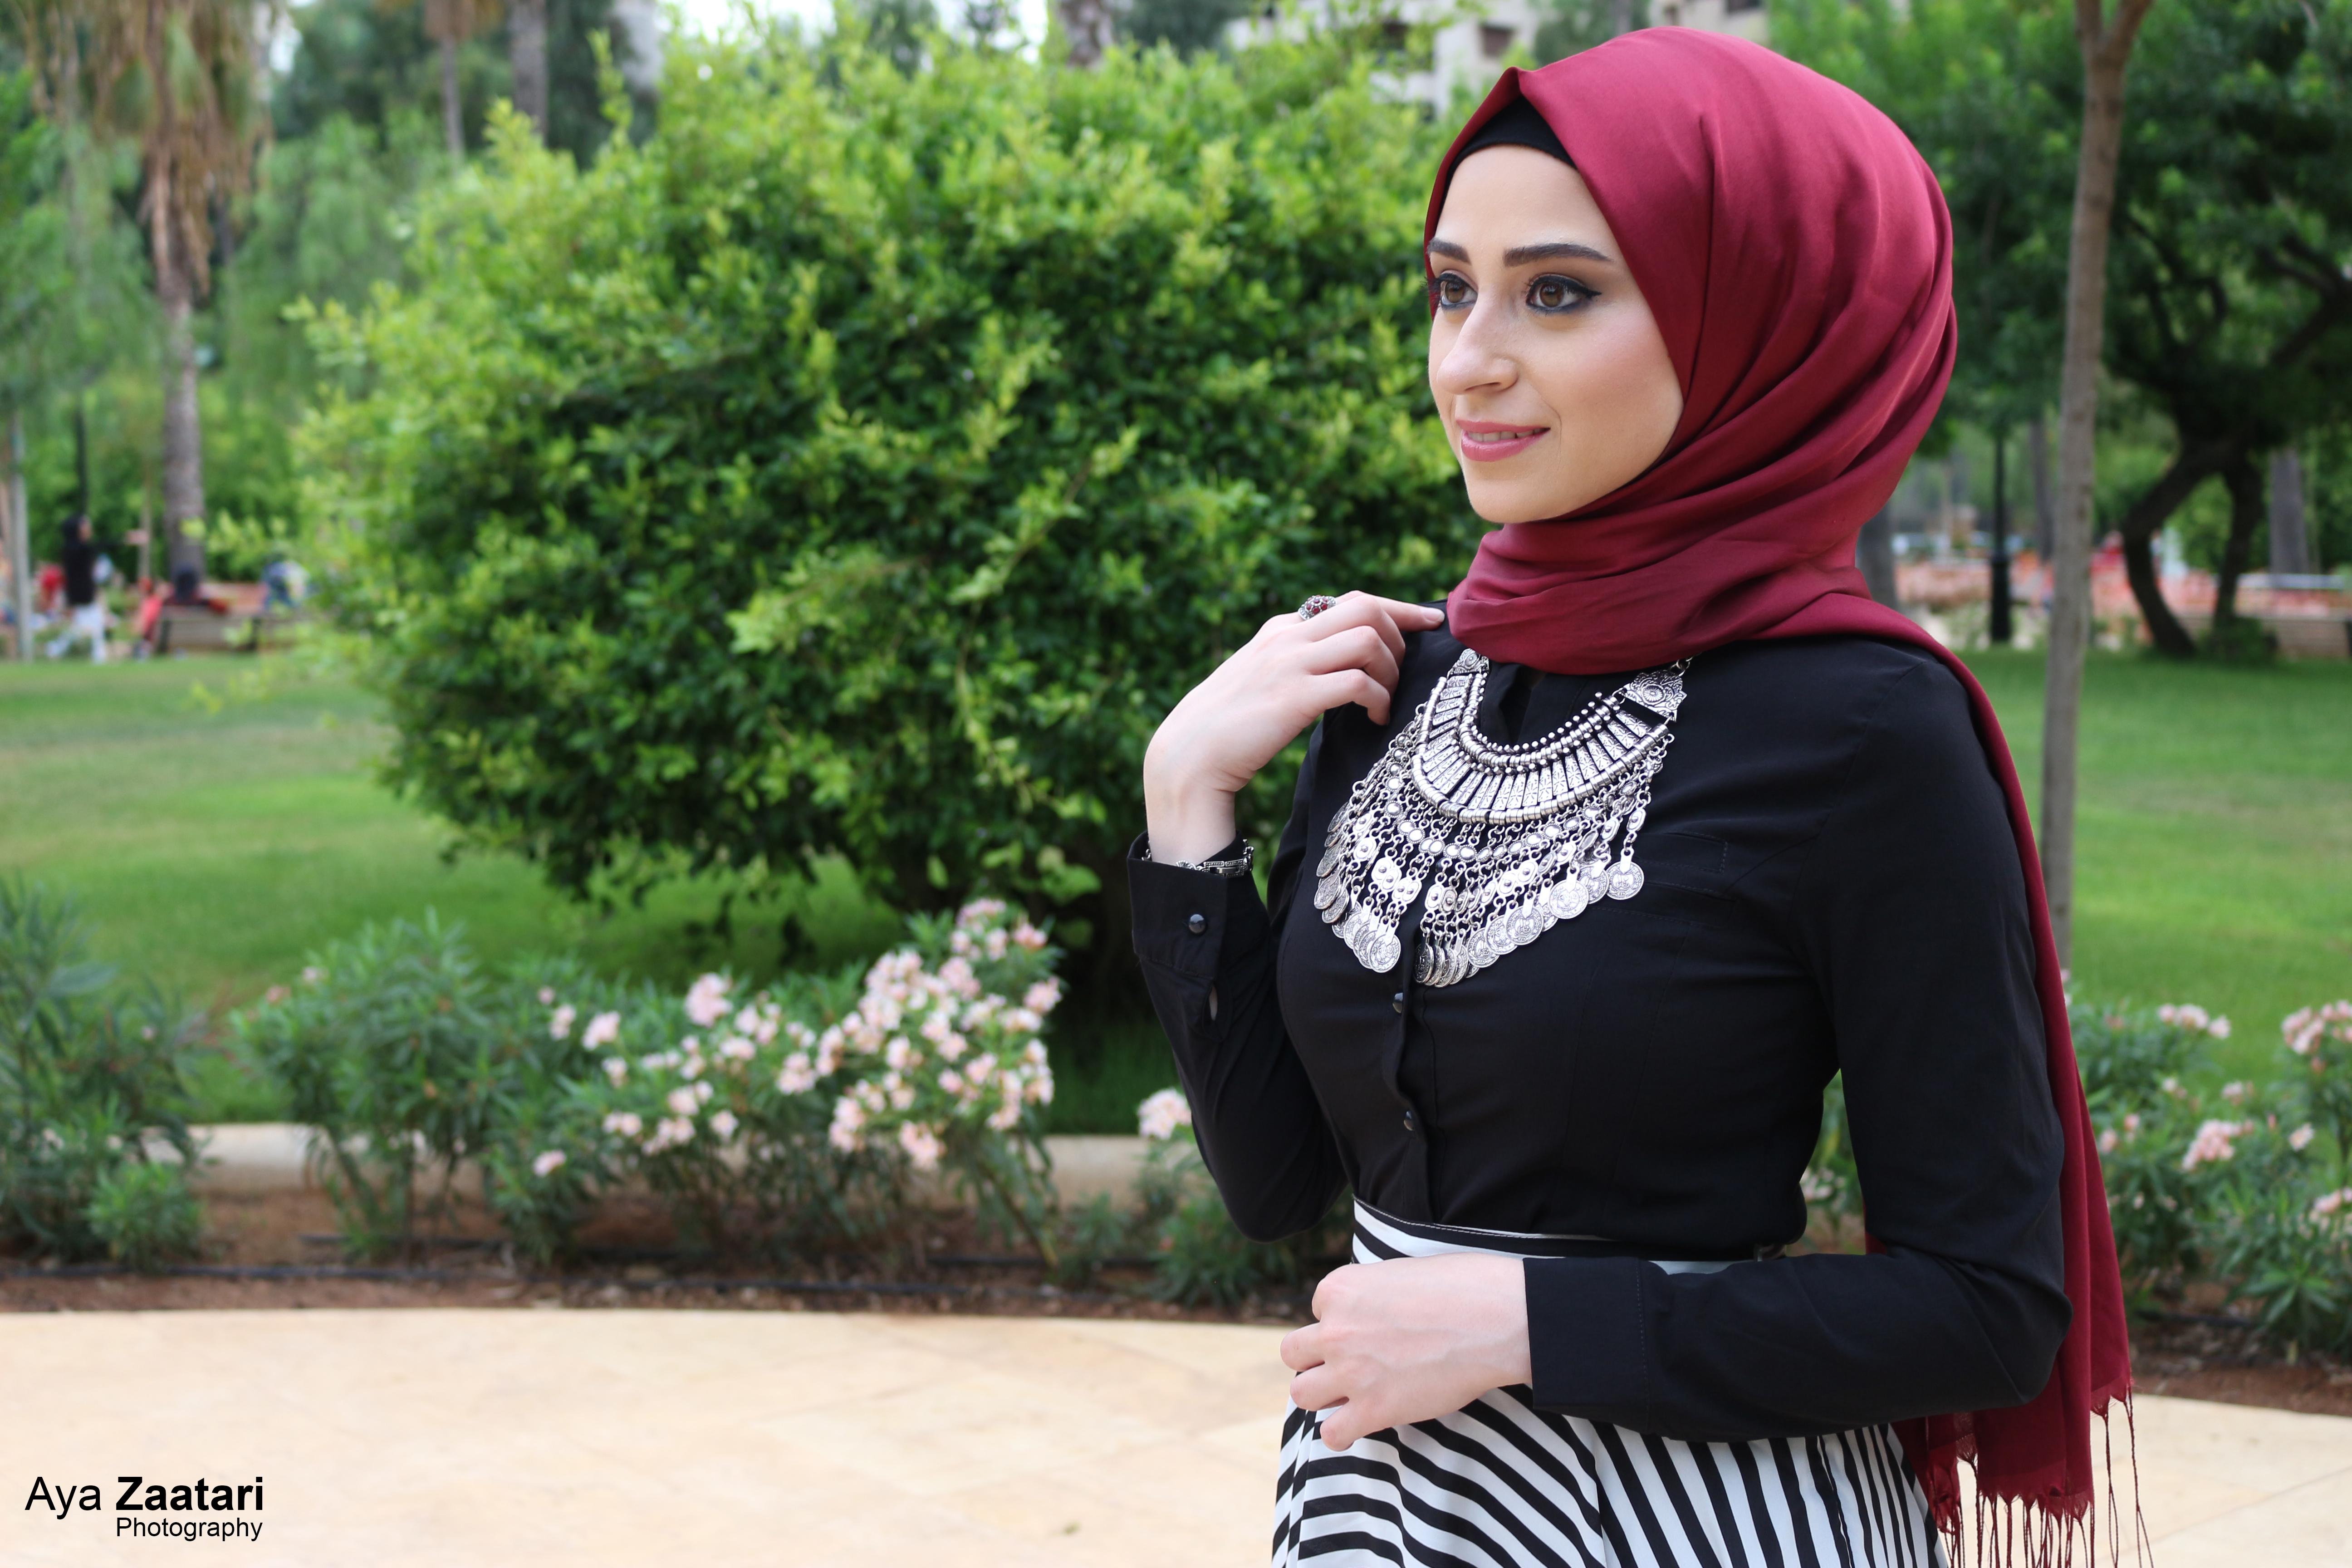 Modern girl hijab and black and white skirt